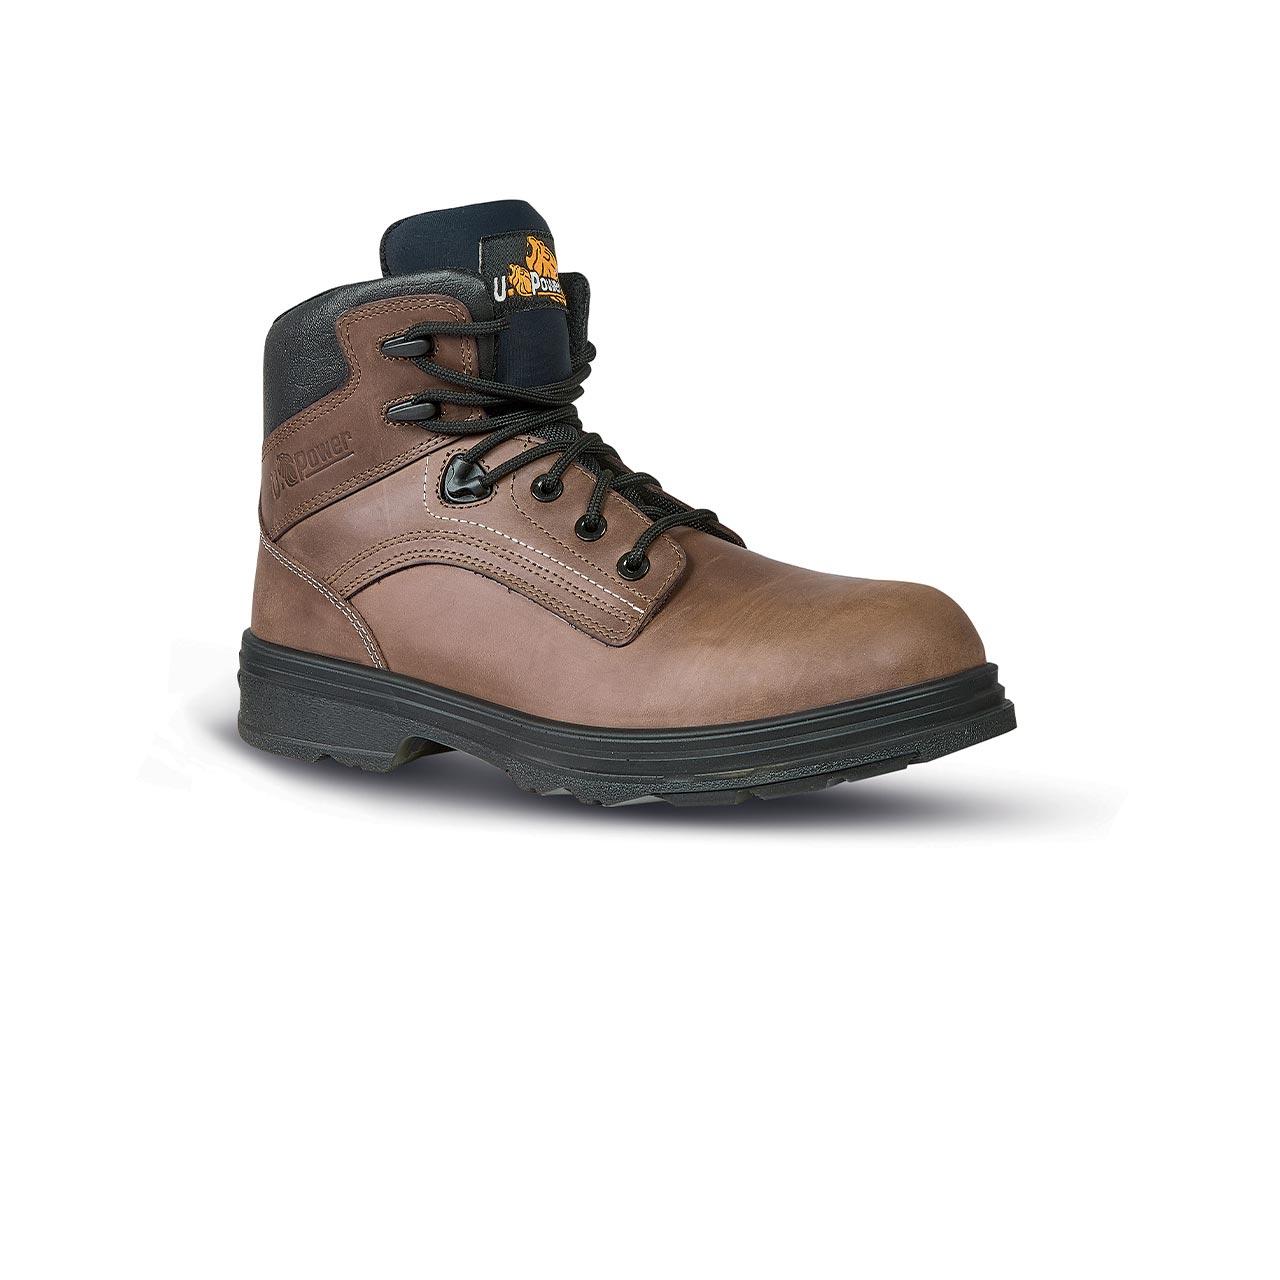 scarpa antinfortunistica upower modello tribal linea conceptm vista laterale